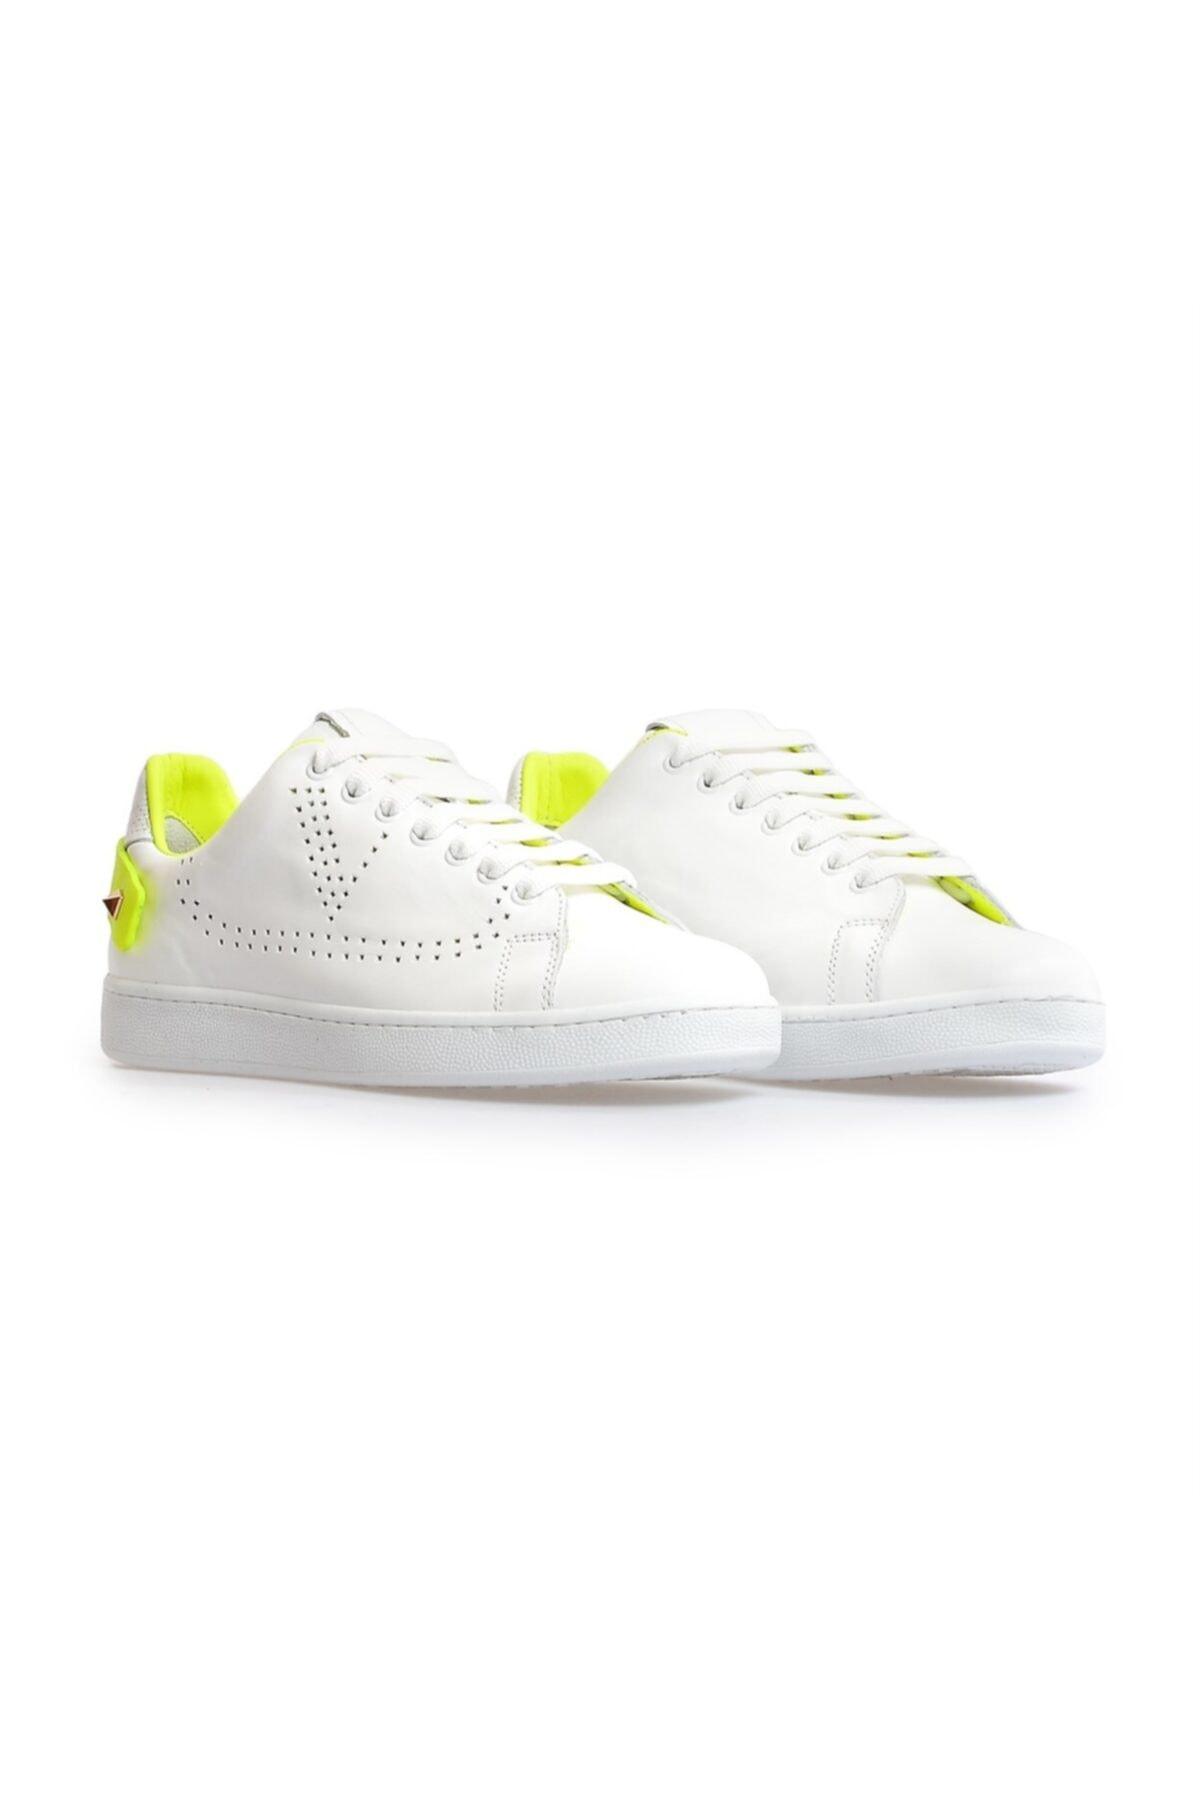 Flower Beyaz Sarı Trok Detaylı Bağcıklı Sneakers 2